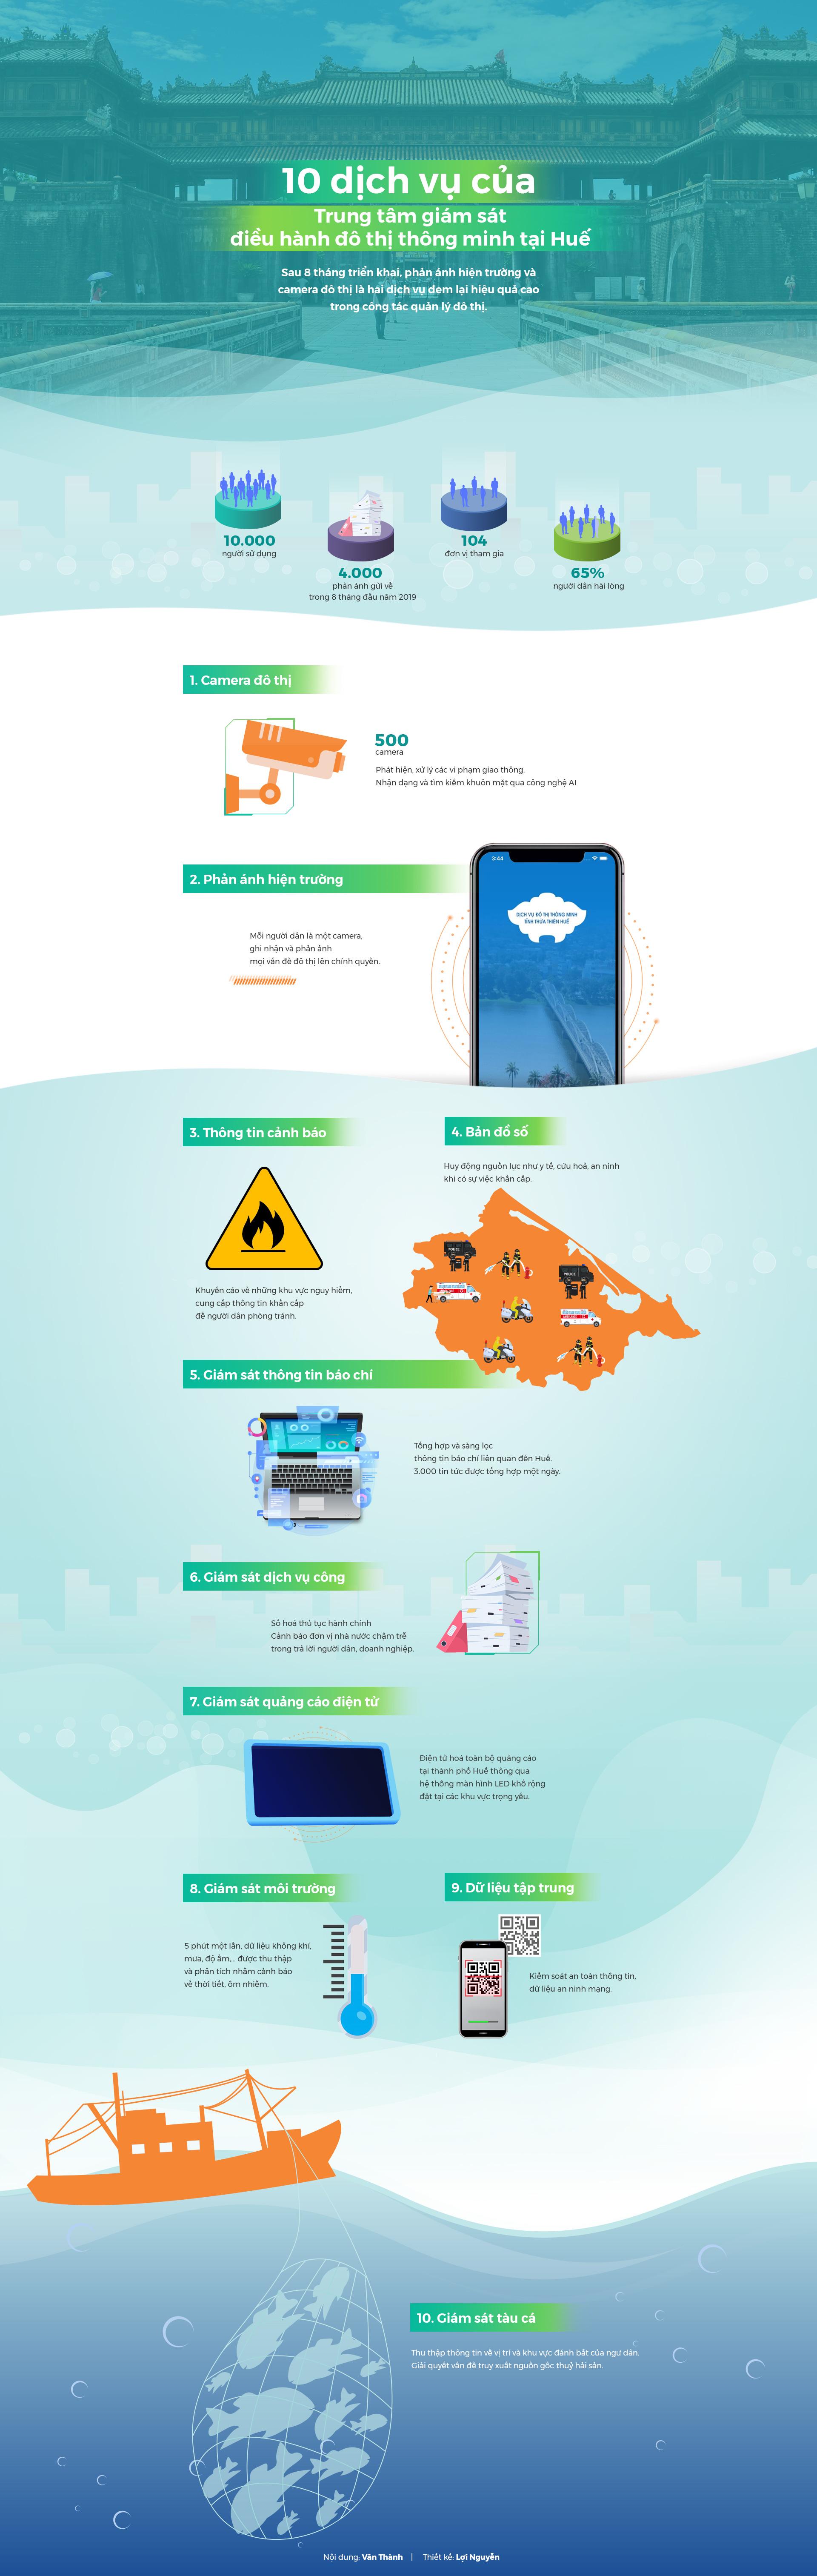 10 dịch vụ của Trung tâm giám sát điều hành đô thị thông minh Huế - ảnh 1